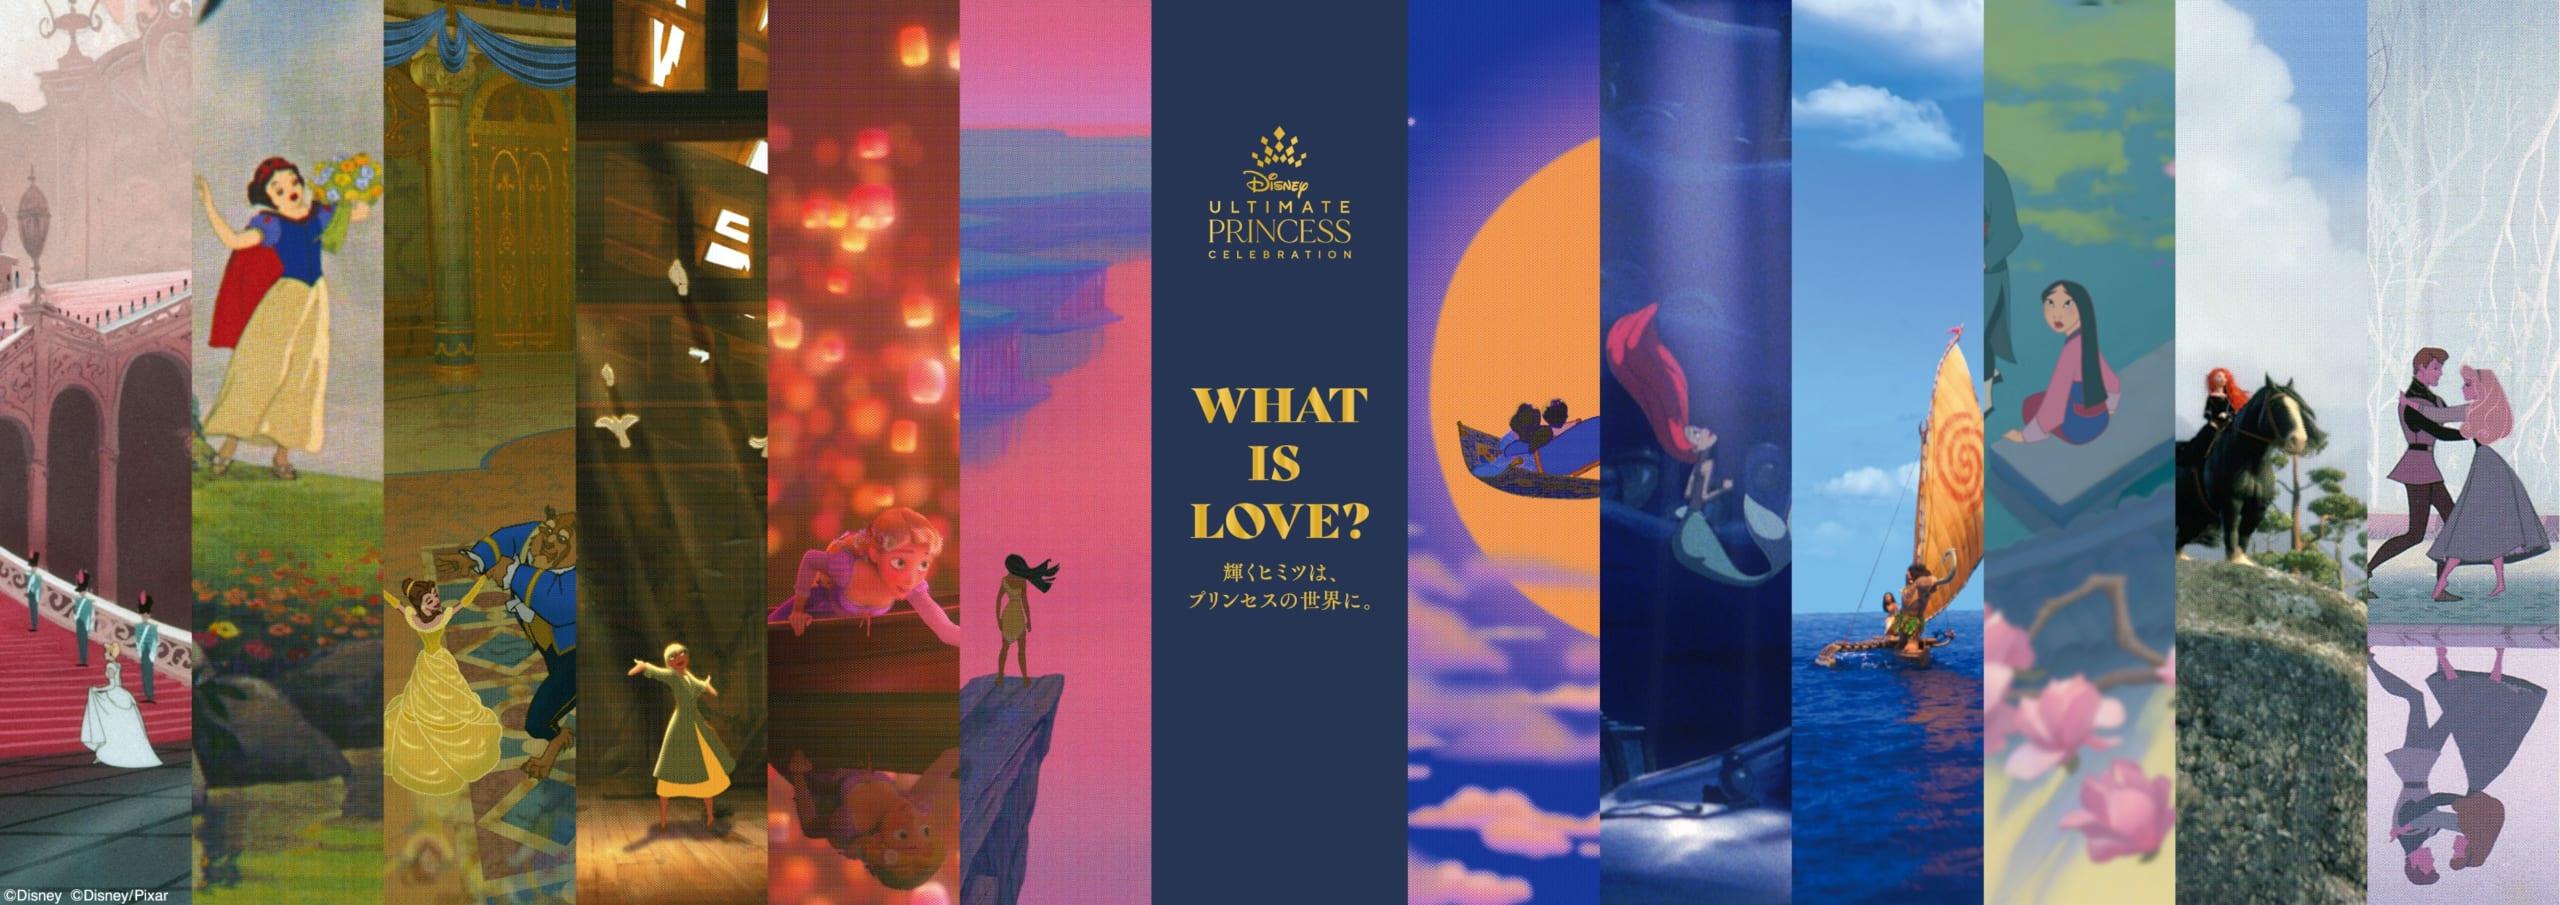 Disney Princess Exhibition in Japan 2021–2022